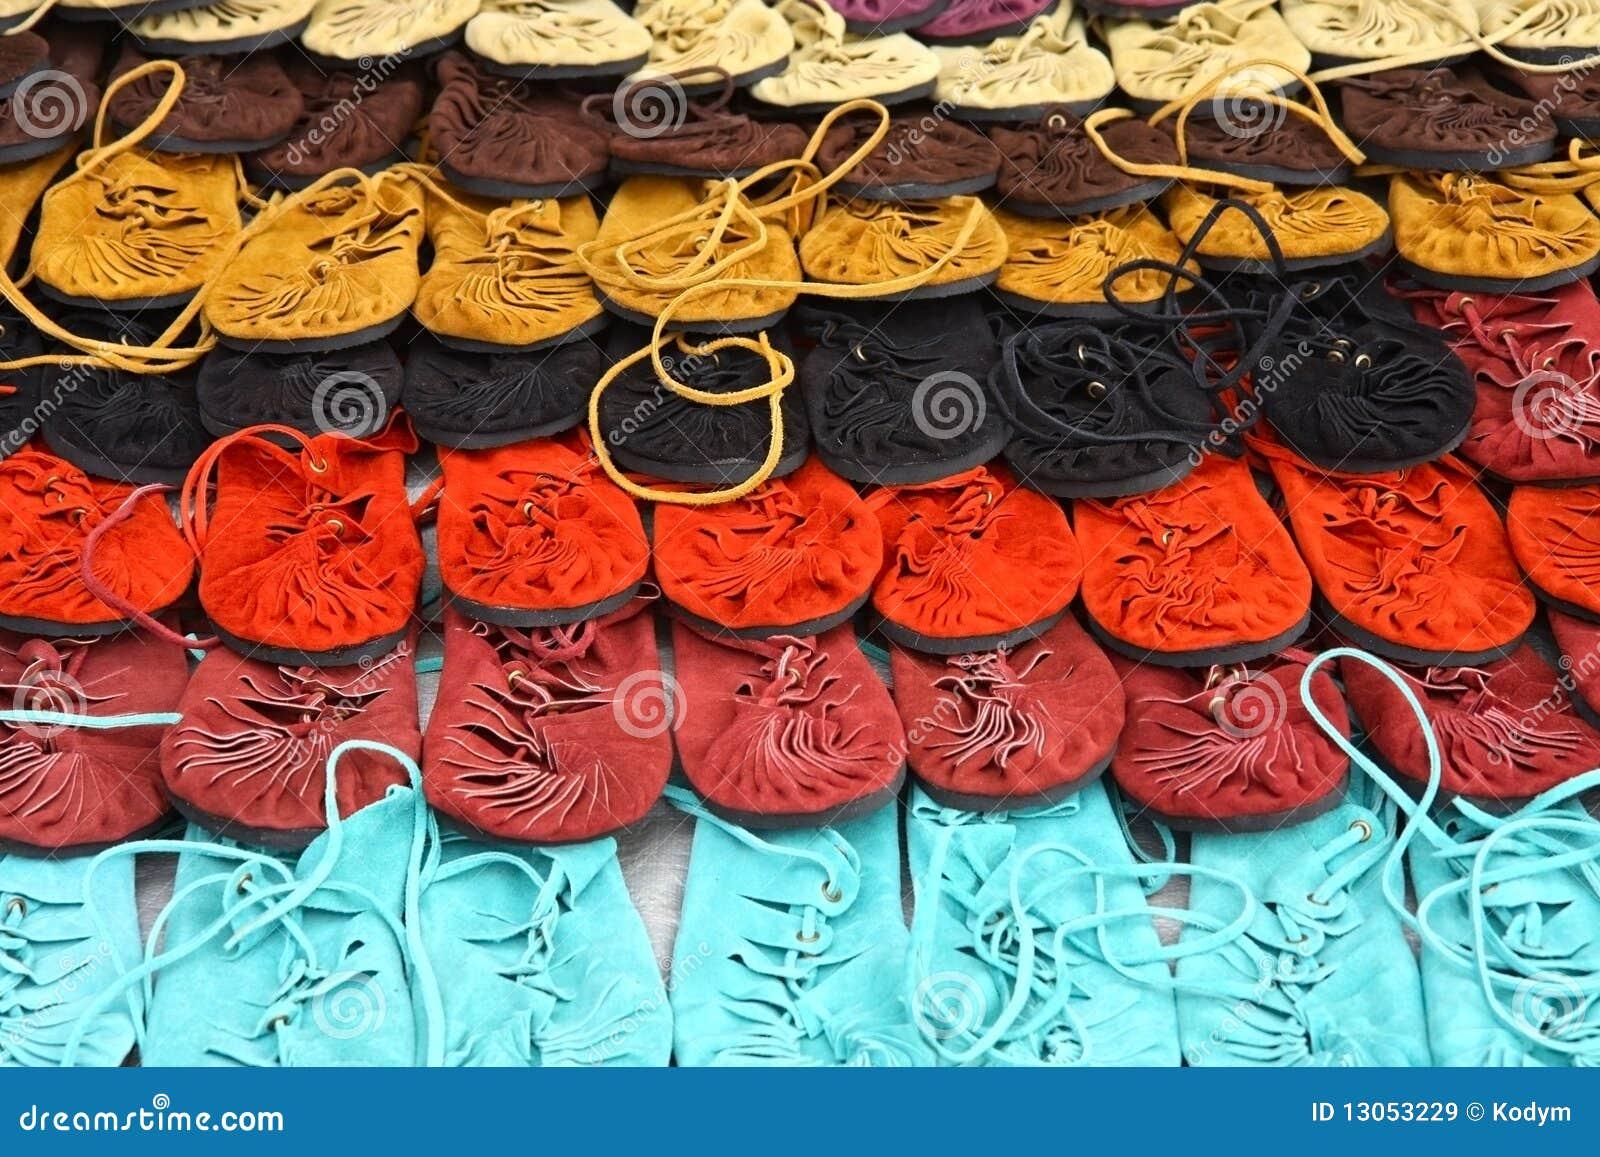 Färger fashion många skor stock illustrationer Bild av kvinnlig 13053229